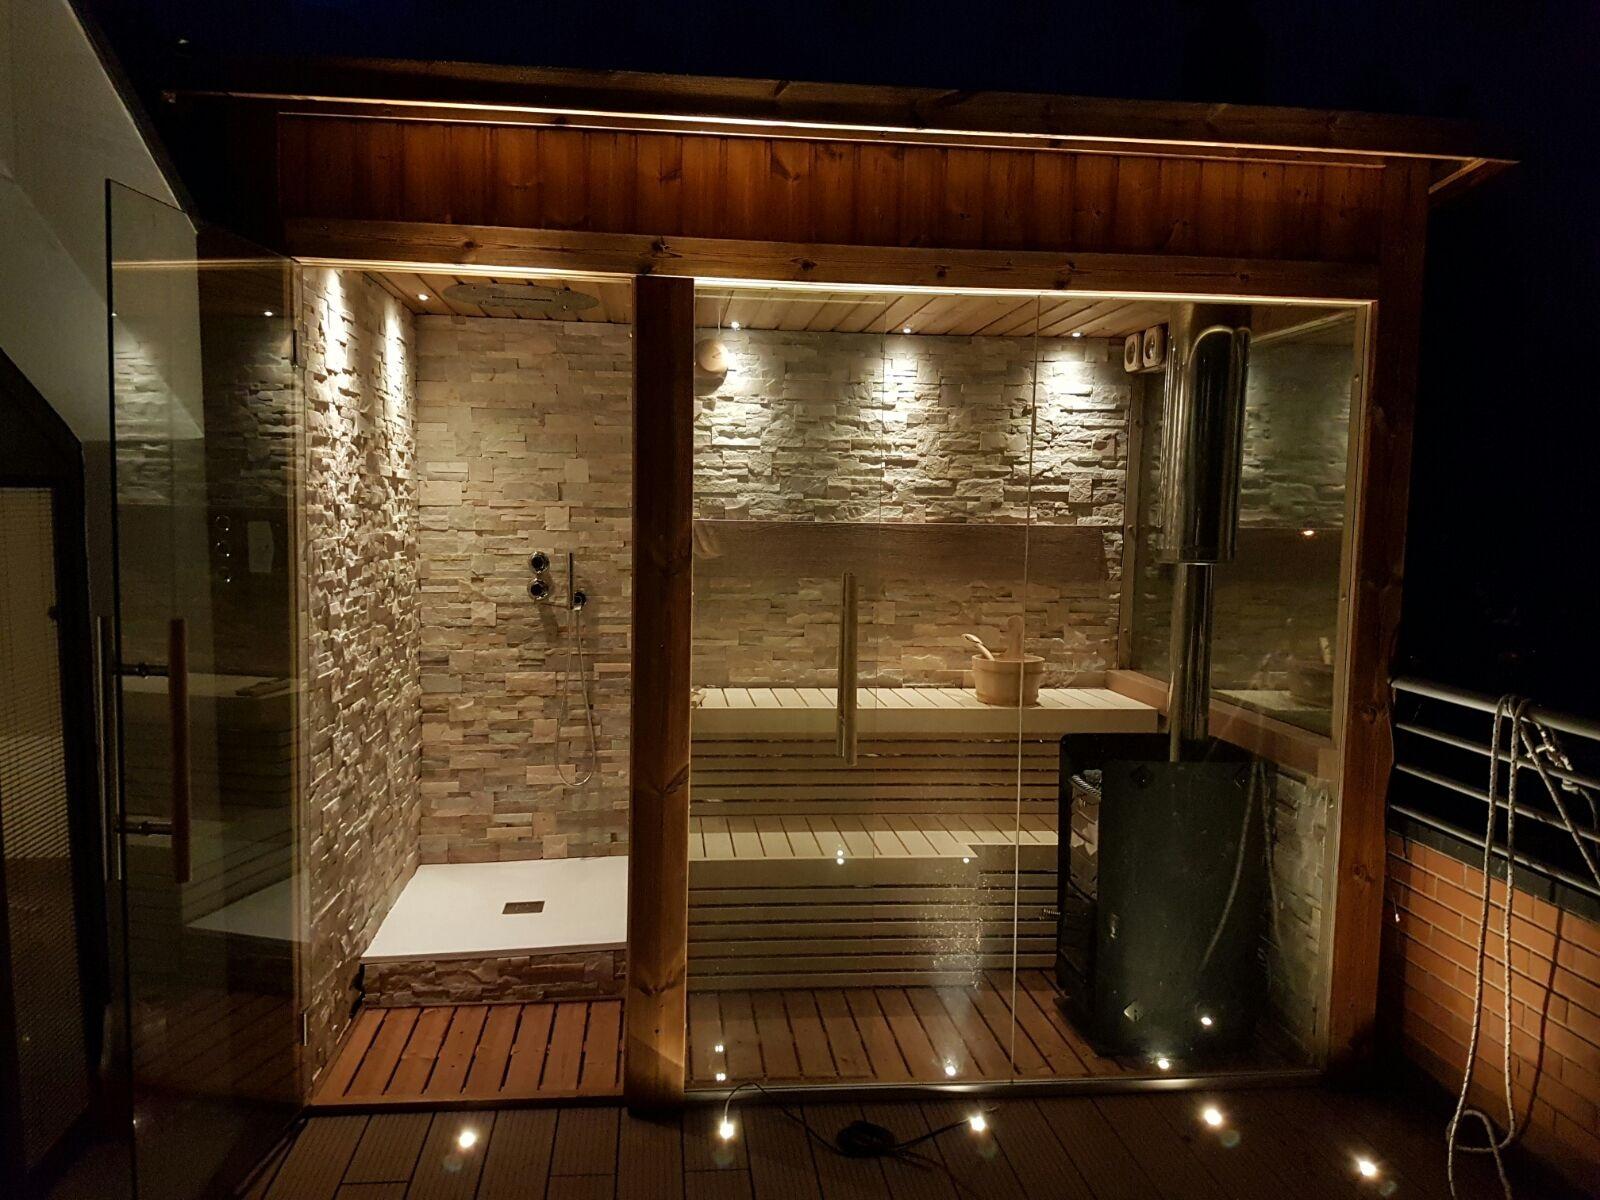 Sauna Vasca E Doccia Idromassaggio.Sauna Da Su Terrazzo Con Doccia Emozionale In Veneto Lifeclass